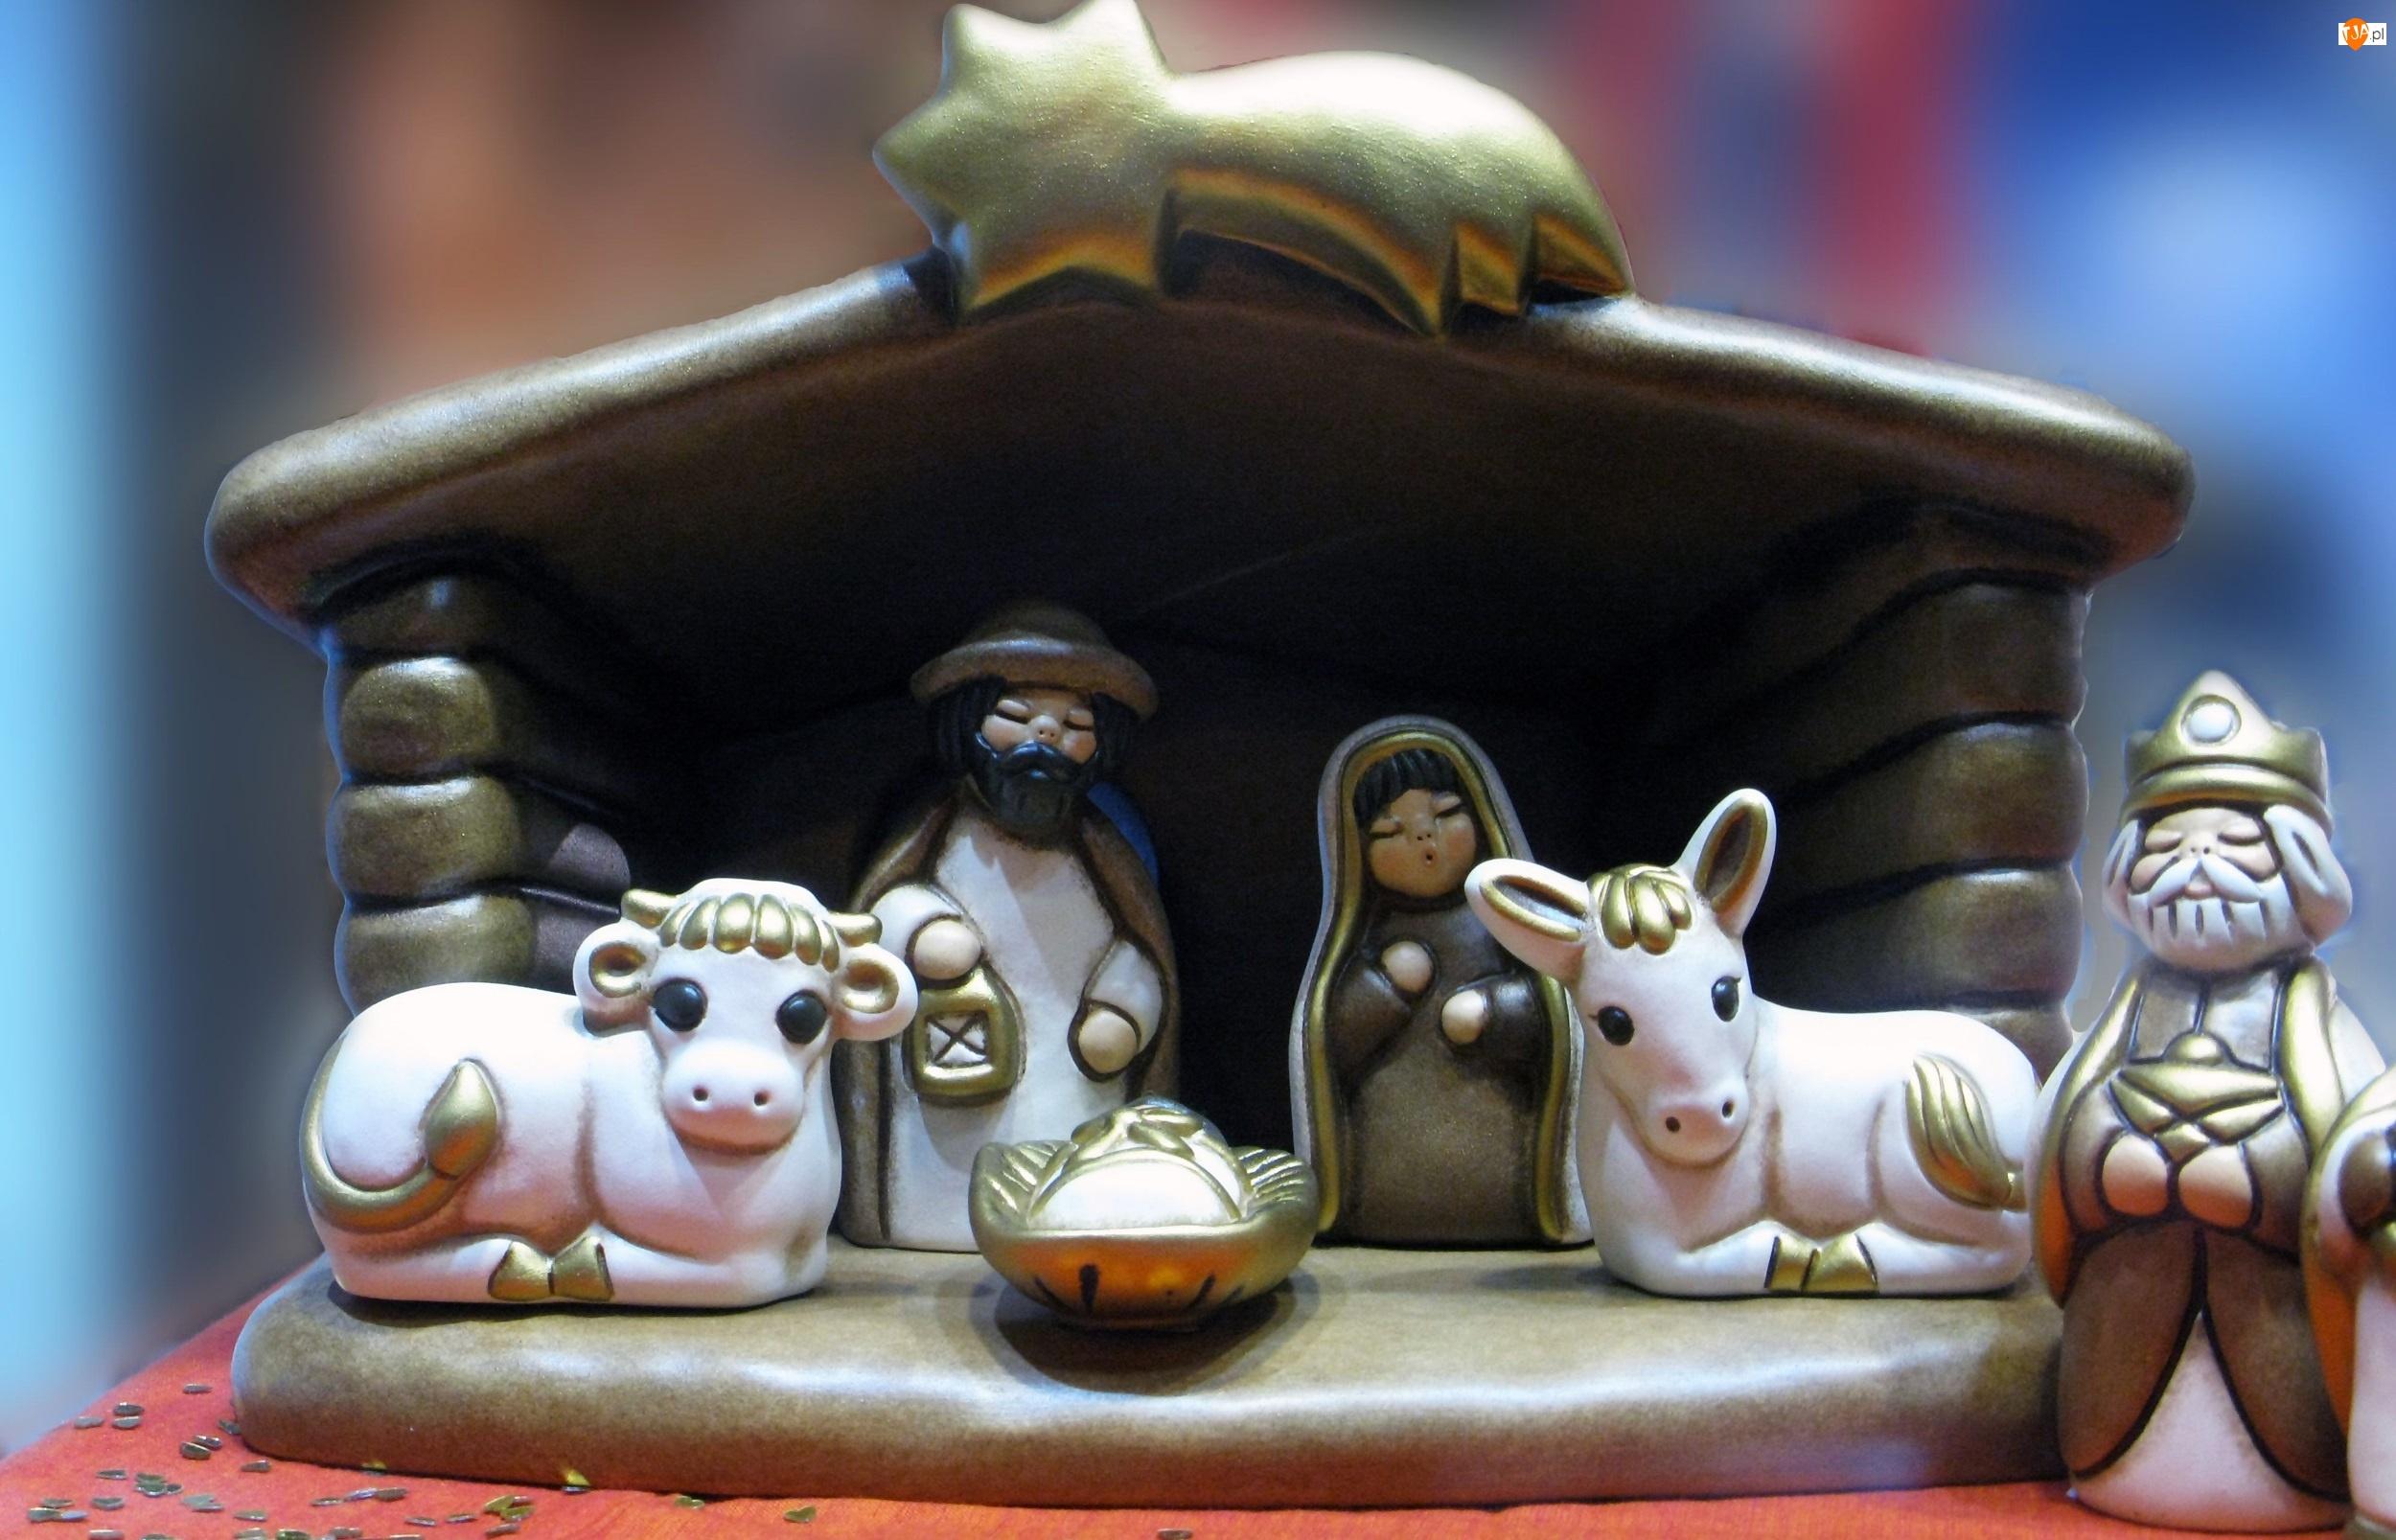 Stajenka, Narodzenie, Dekoracja, Boże